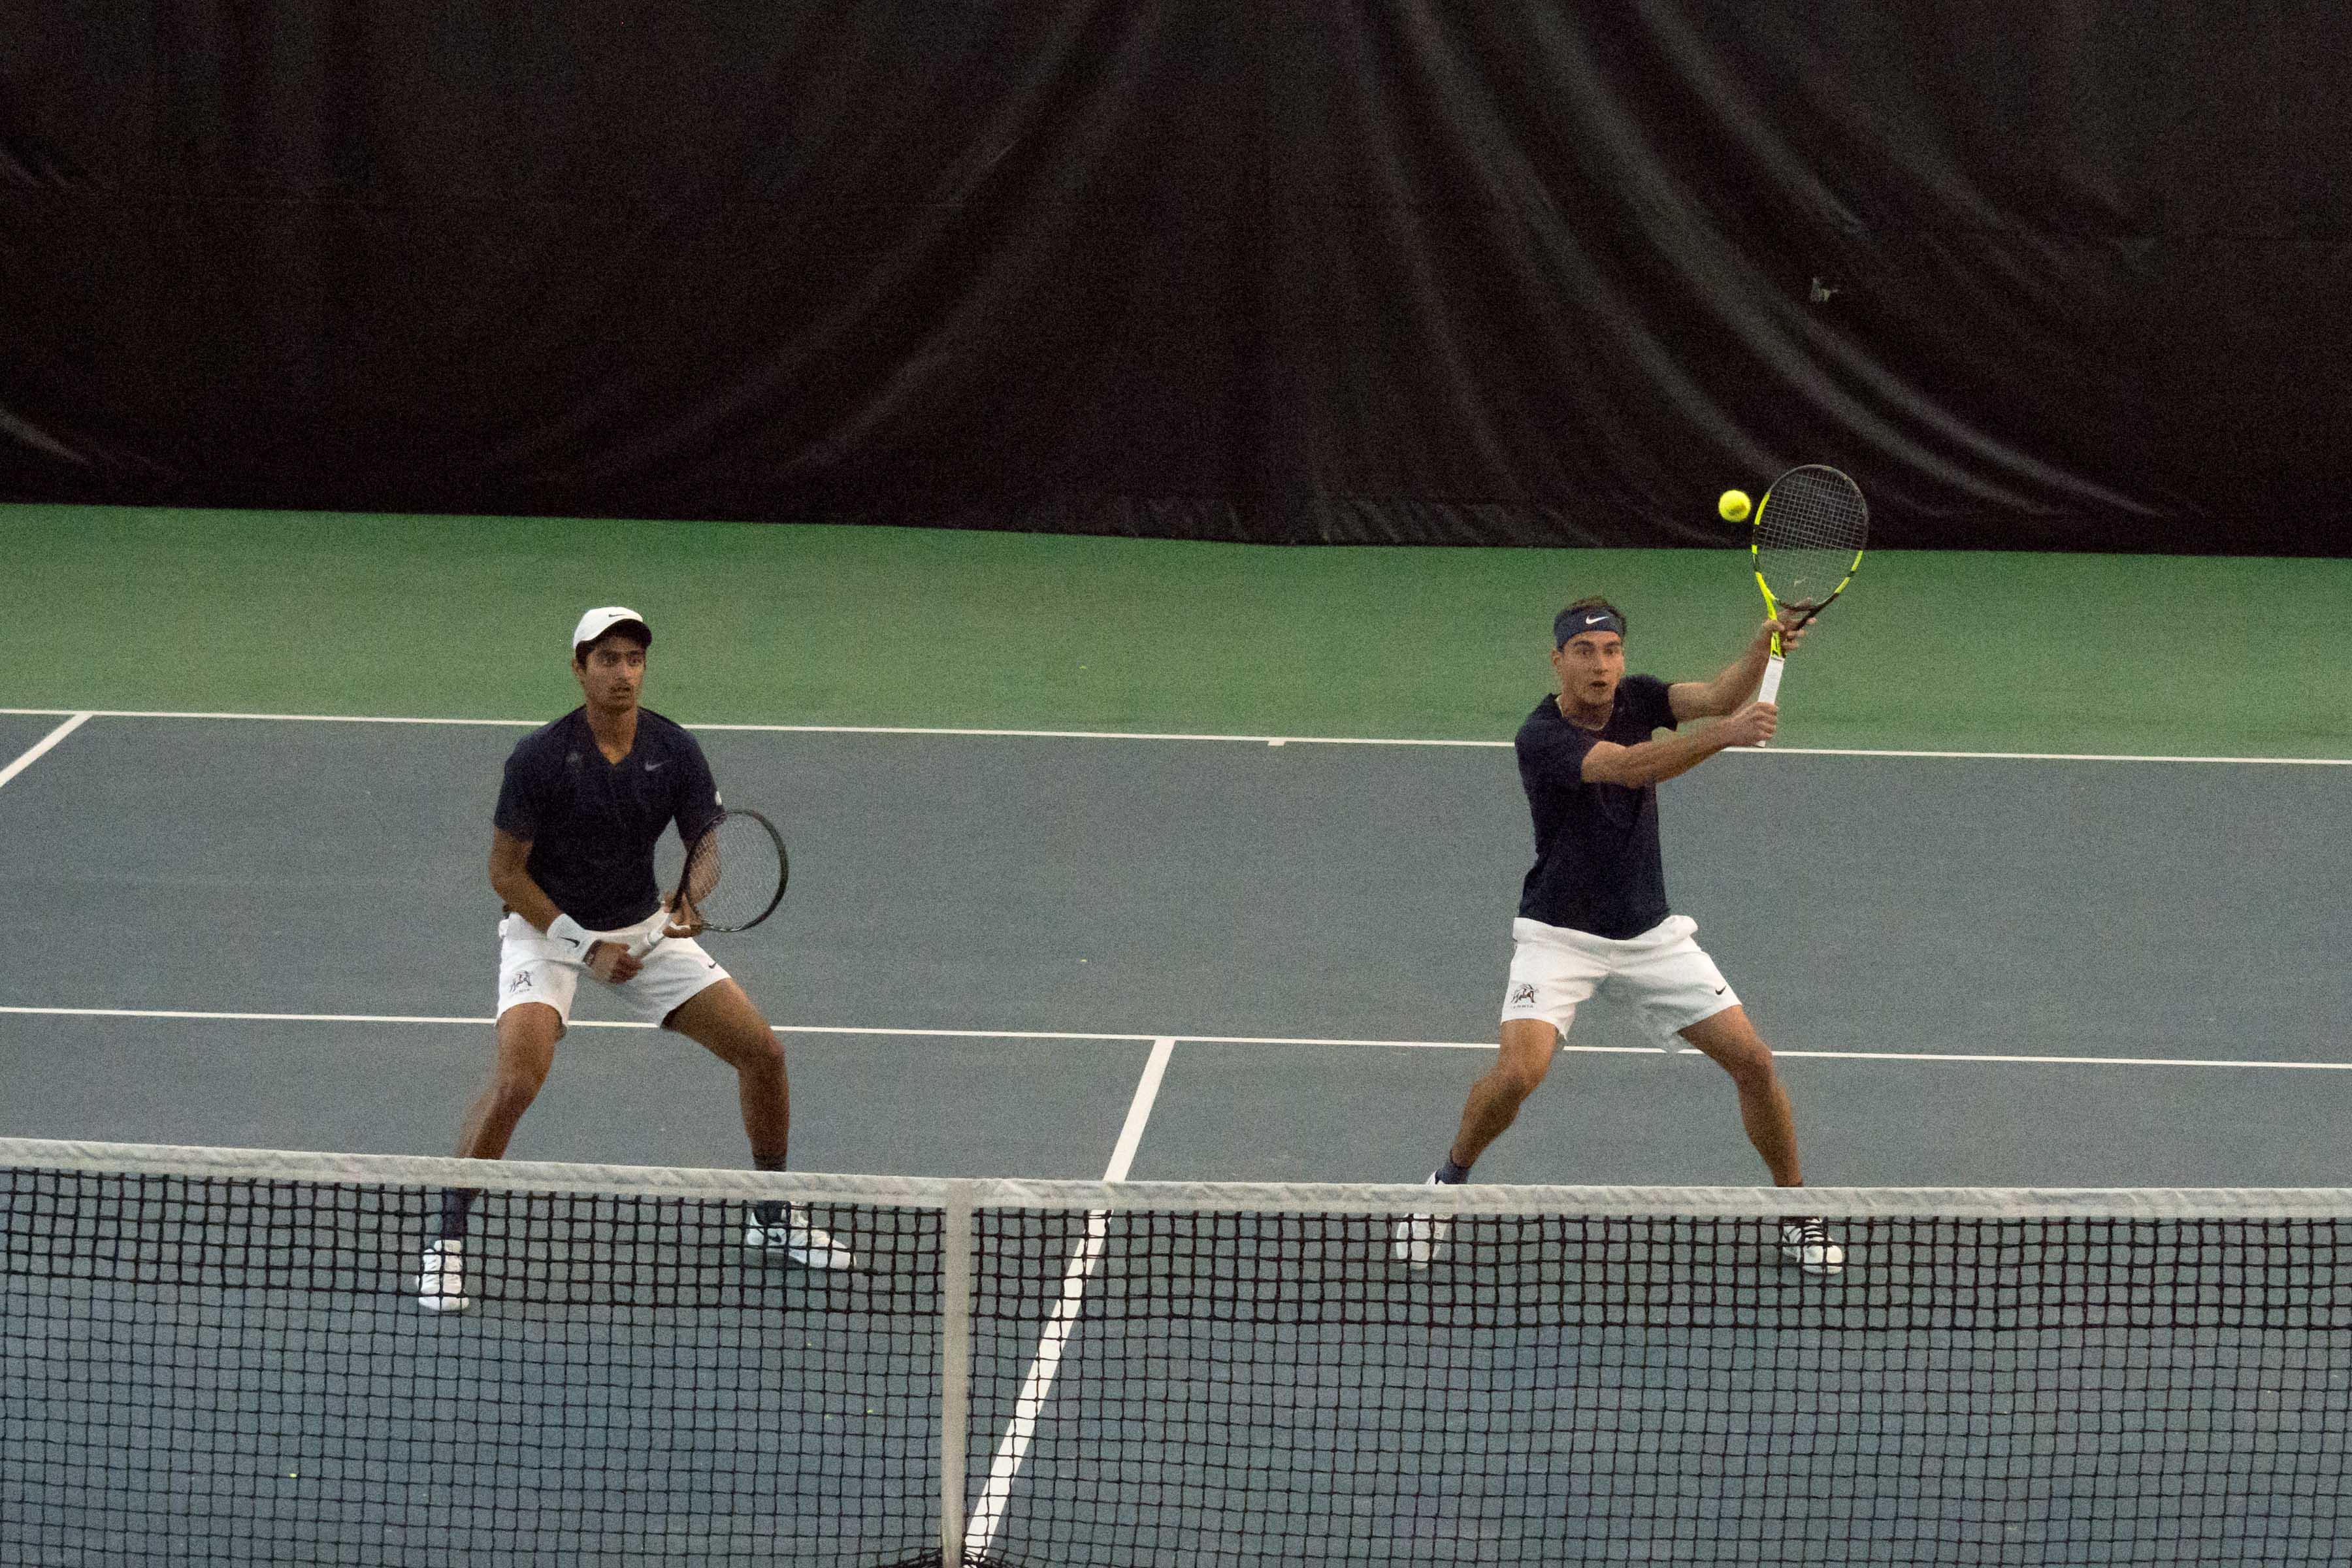 mens tennis clinch share - HD3600×2400